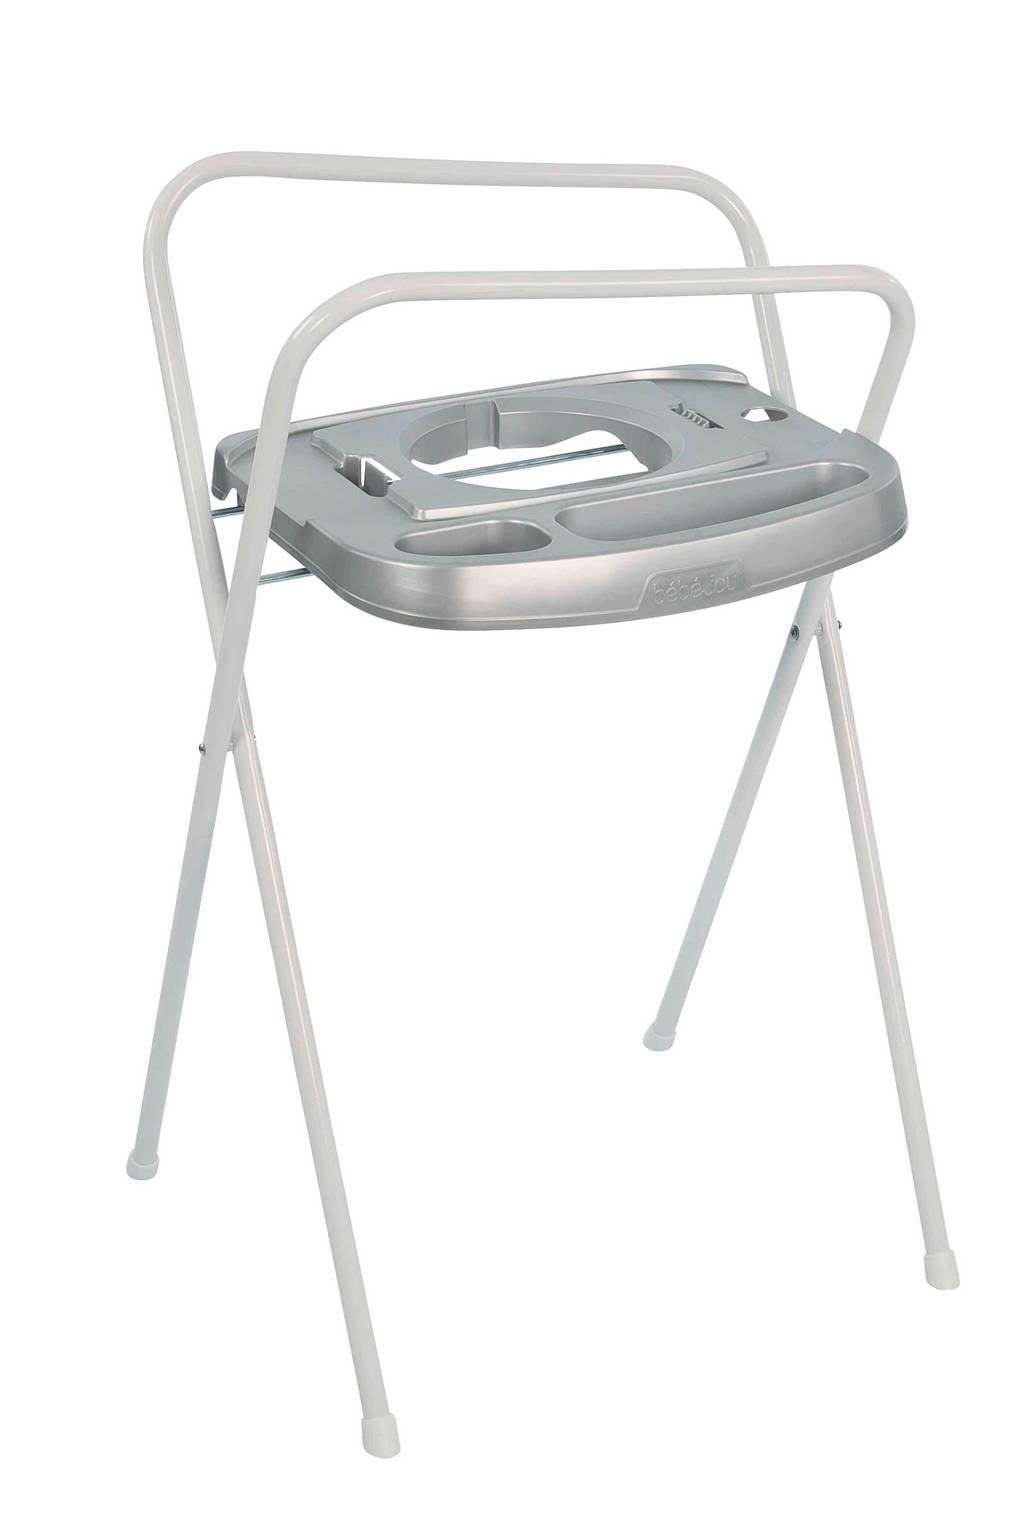 bebe-jou click metaal badstandaard 103 cm, Zilver